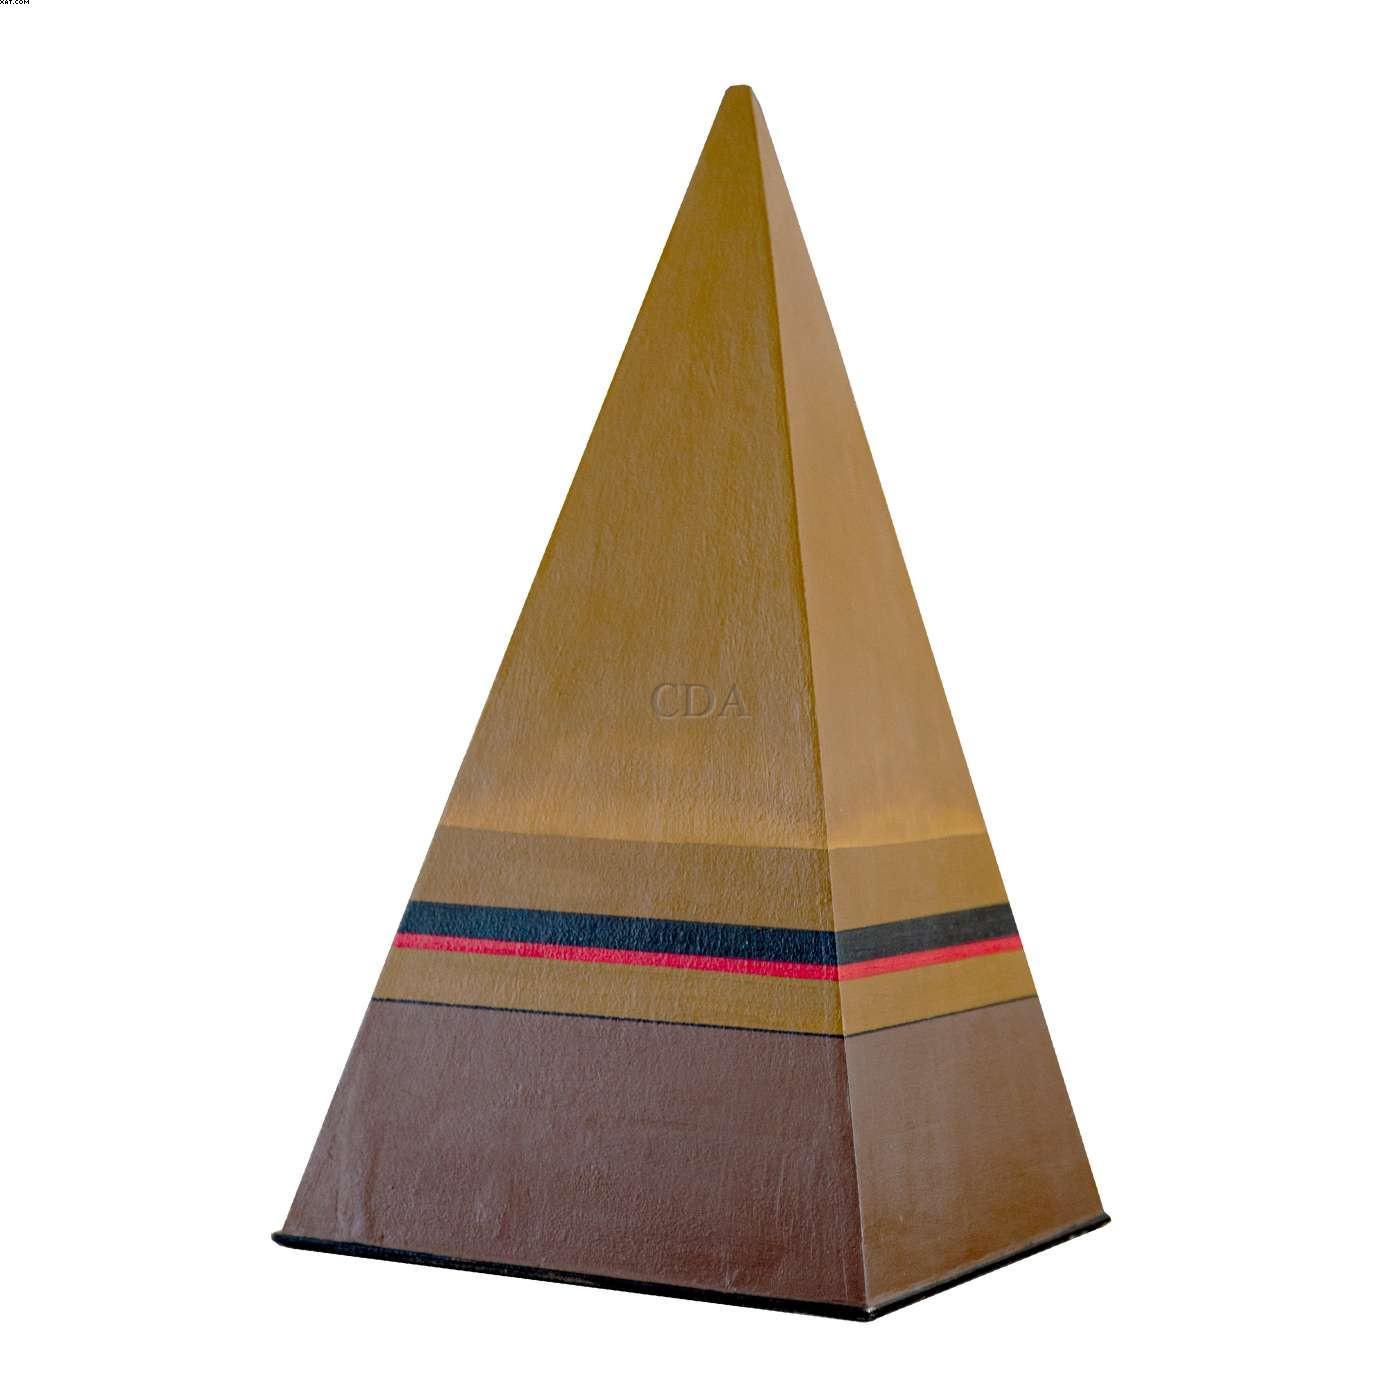 Pirâmide  - Abraham Palatnik - Abraão Palatnik - Abraao Palatnik